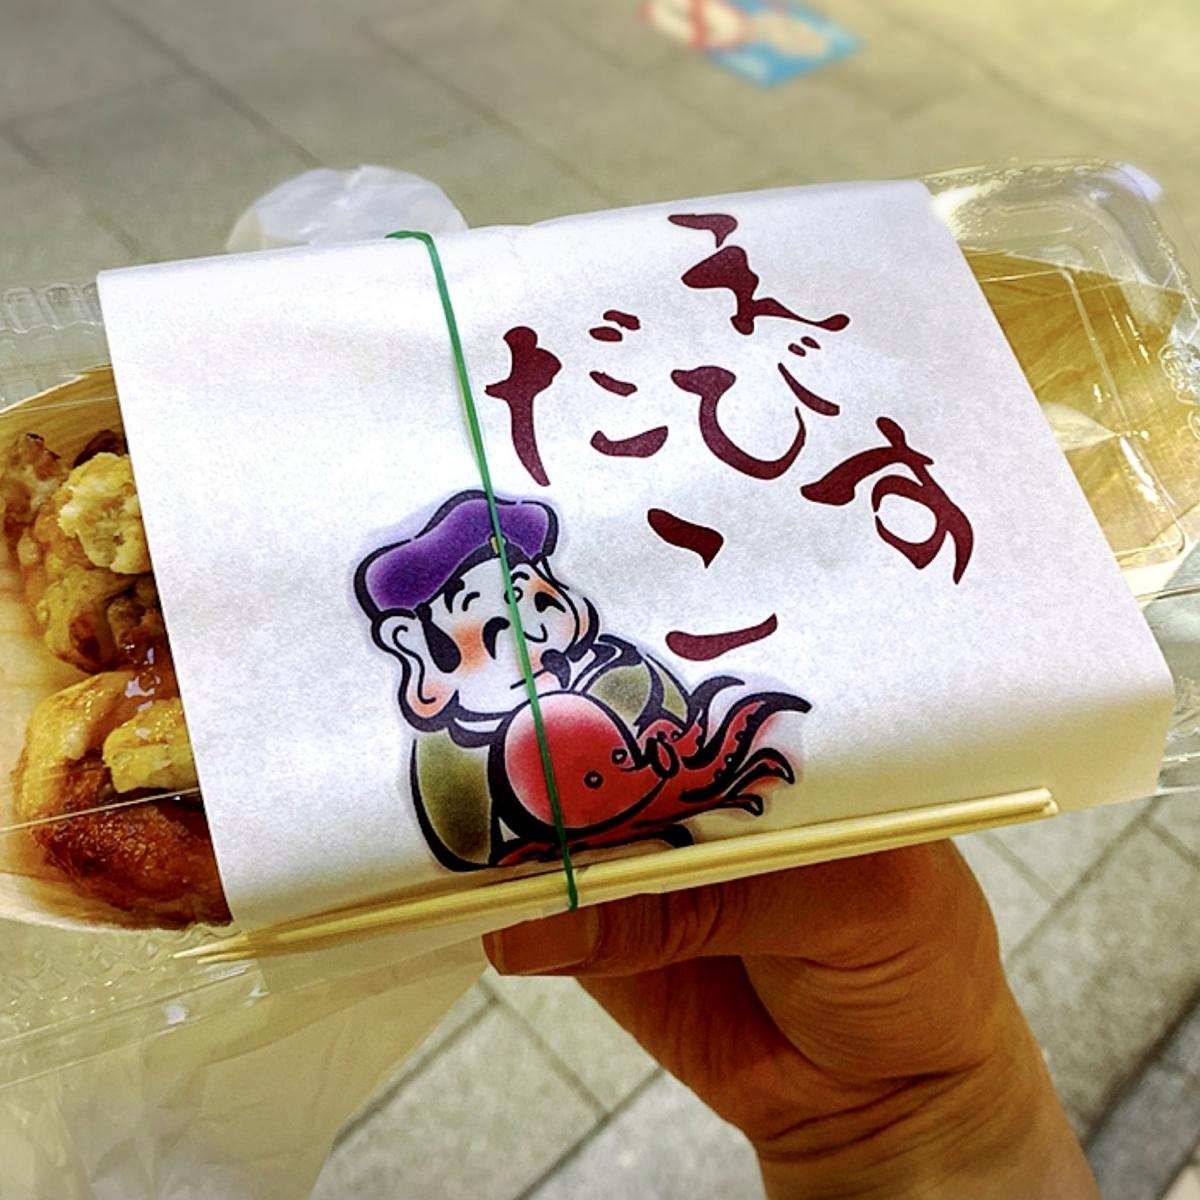 「えびすだこ 吉祥寺パルコ店」は自宅へのお土産や食べ歩きなんかにおすすめできるたこ焼き屋!